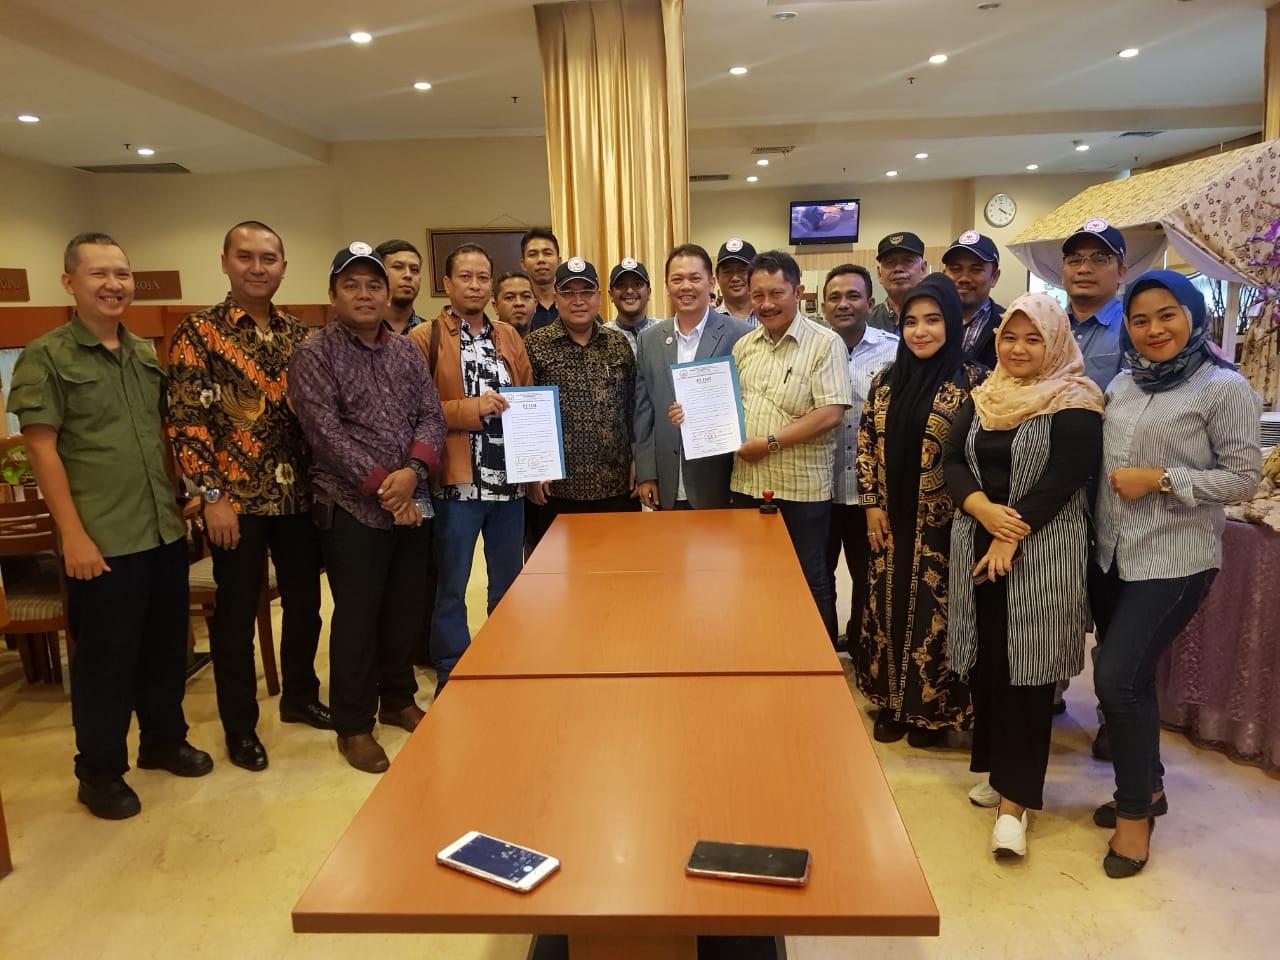 PETISI LPKAN Indonesia dan 400 elemen masyarakat kepada KPU RI dan BAWASLU  untuk Pilpres 2019